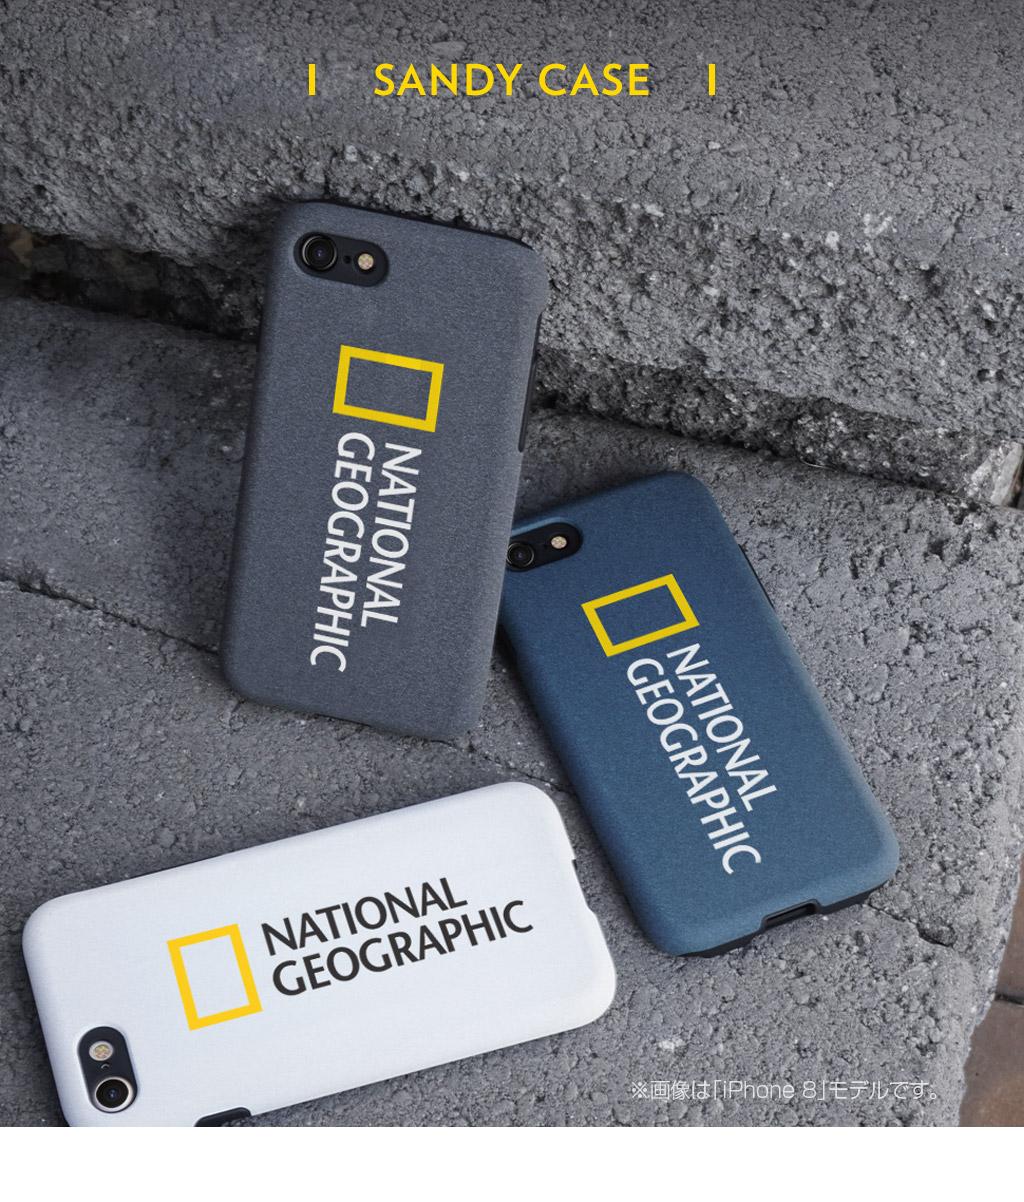 National Geographic Sandy Case(ナショナル ジオグラフィック サンディーケース)